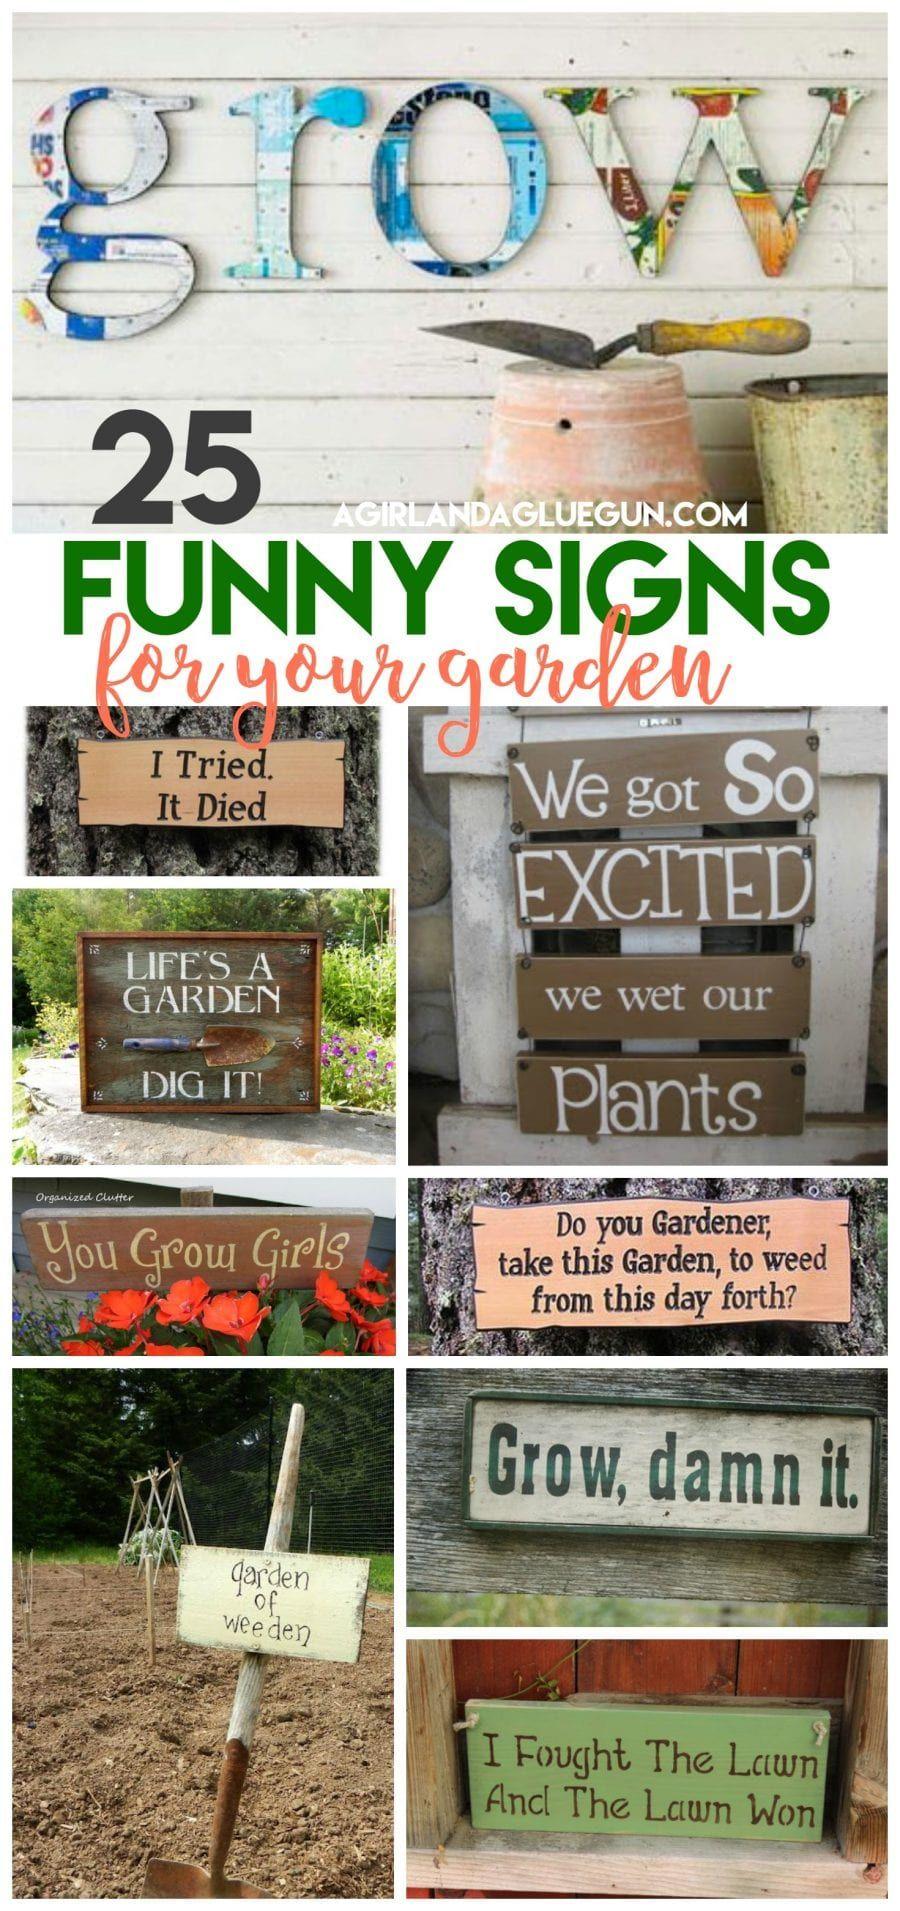 25 Super Funny Garden Signs Funny Garden Signs Garden Signs